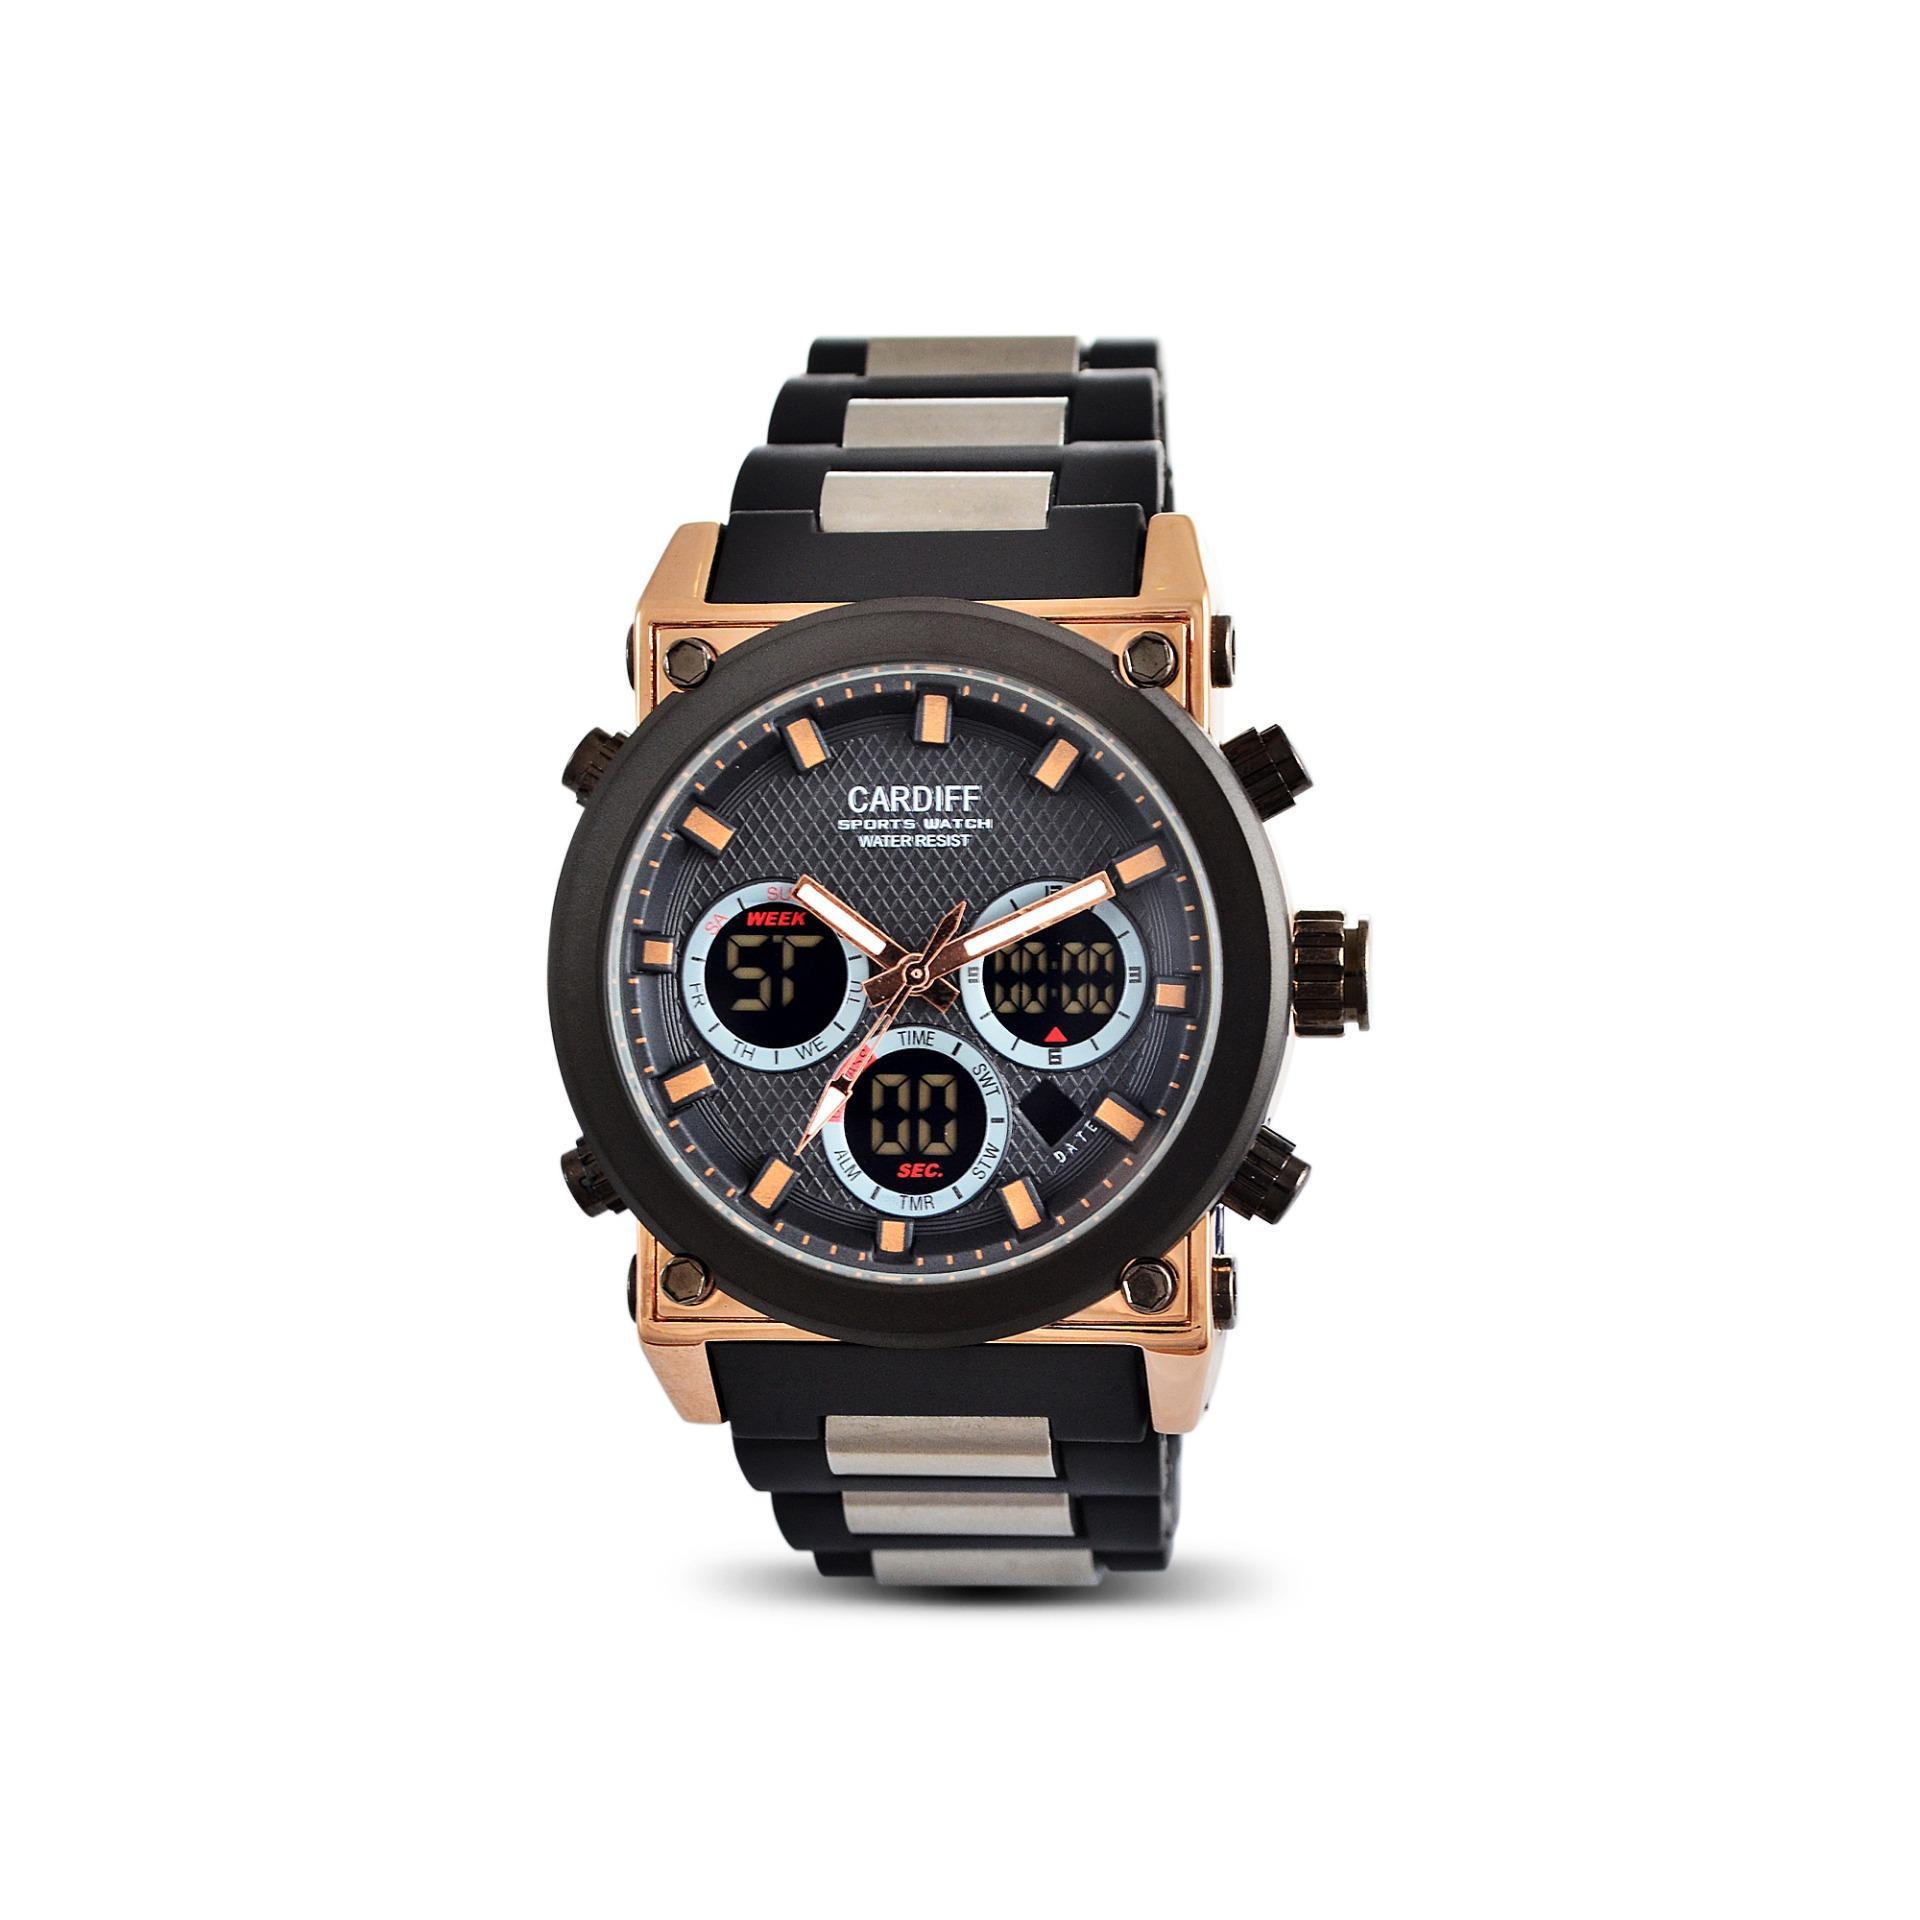 JAM TANGAN ORIGINAL CARDIFF  DT 8140 PU - BLACK GOLD ANTI AIR BERGARANSI 1 TAHUN